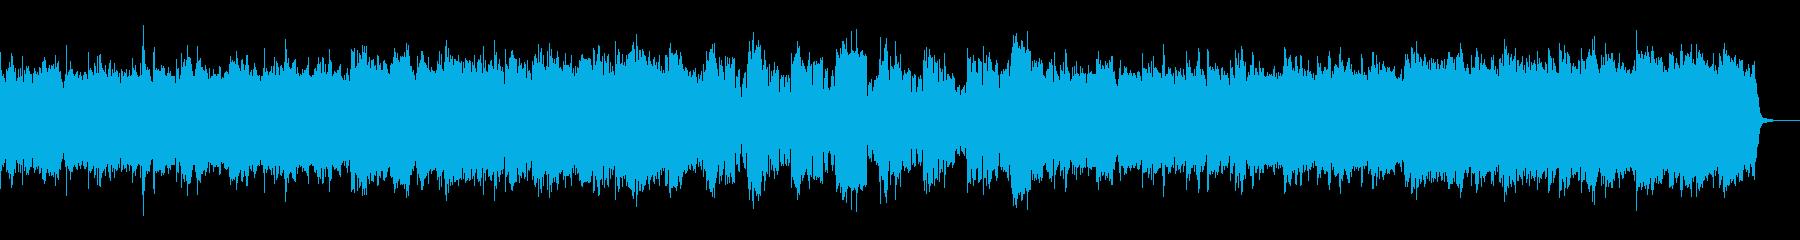 優しい・ほのぼの・日常・ゲーム向けBGMの再生済みの波形